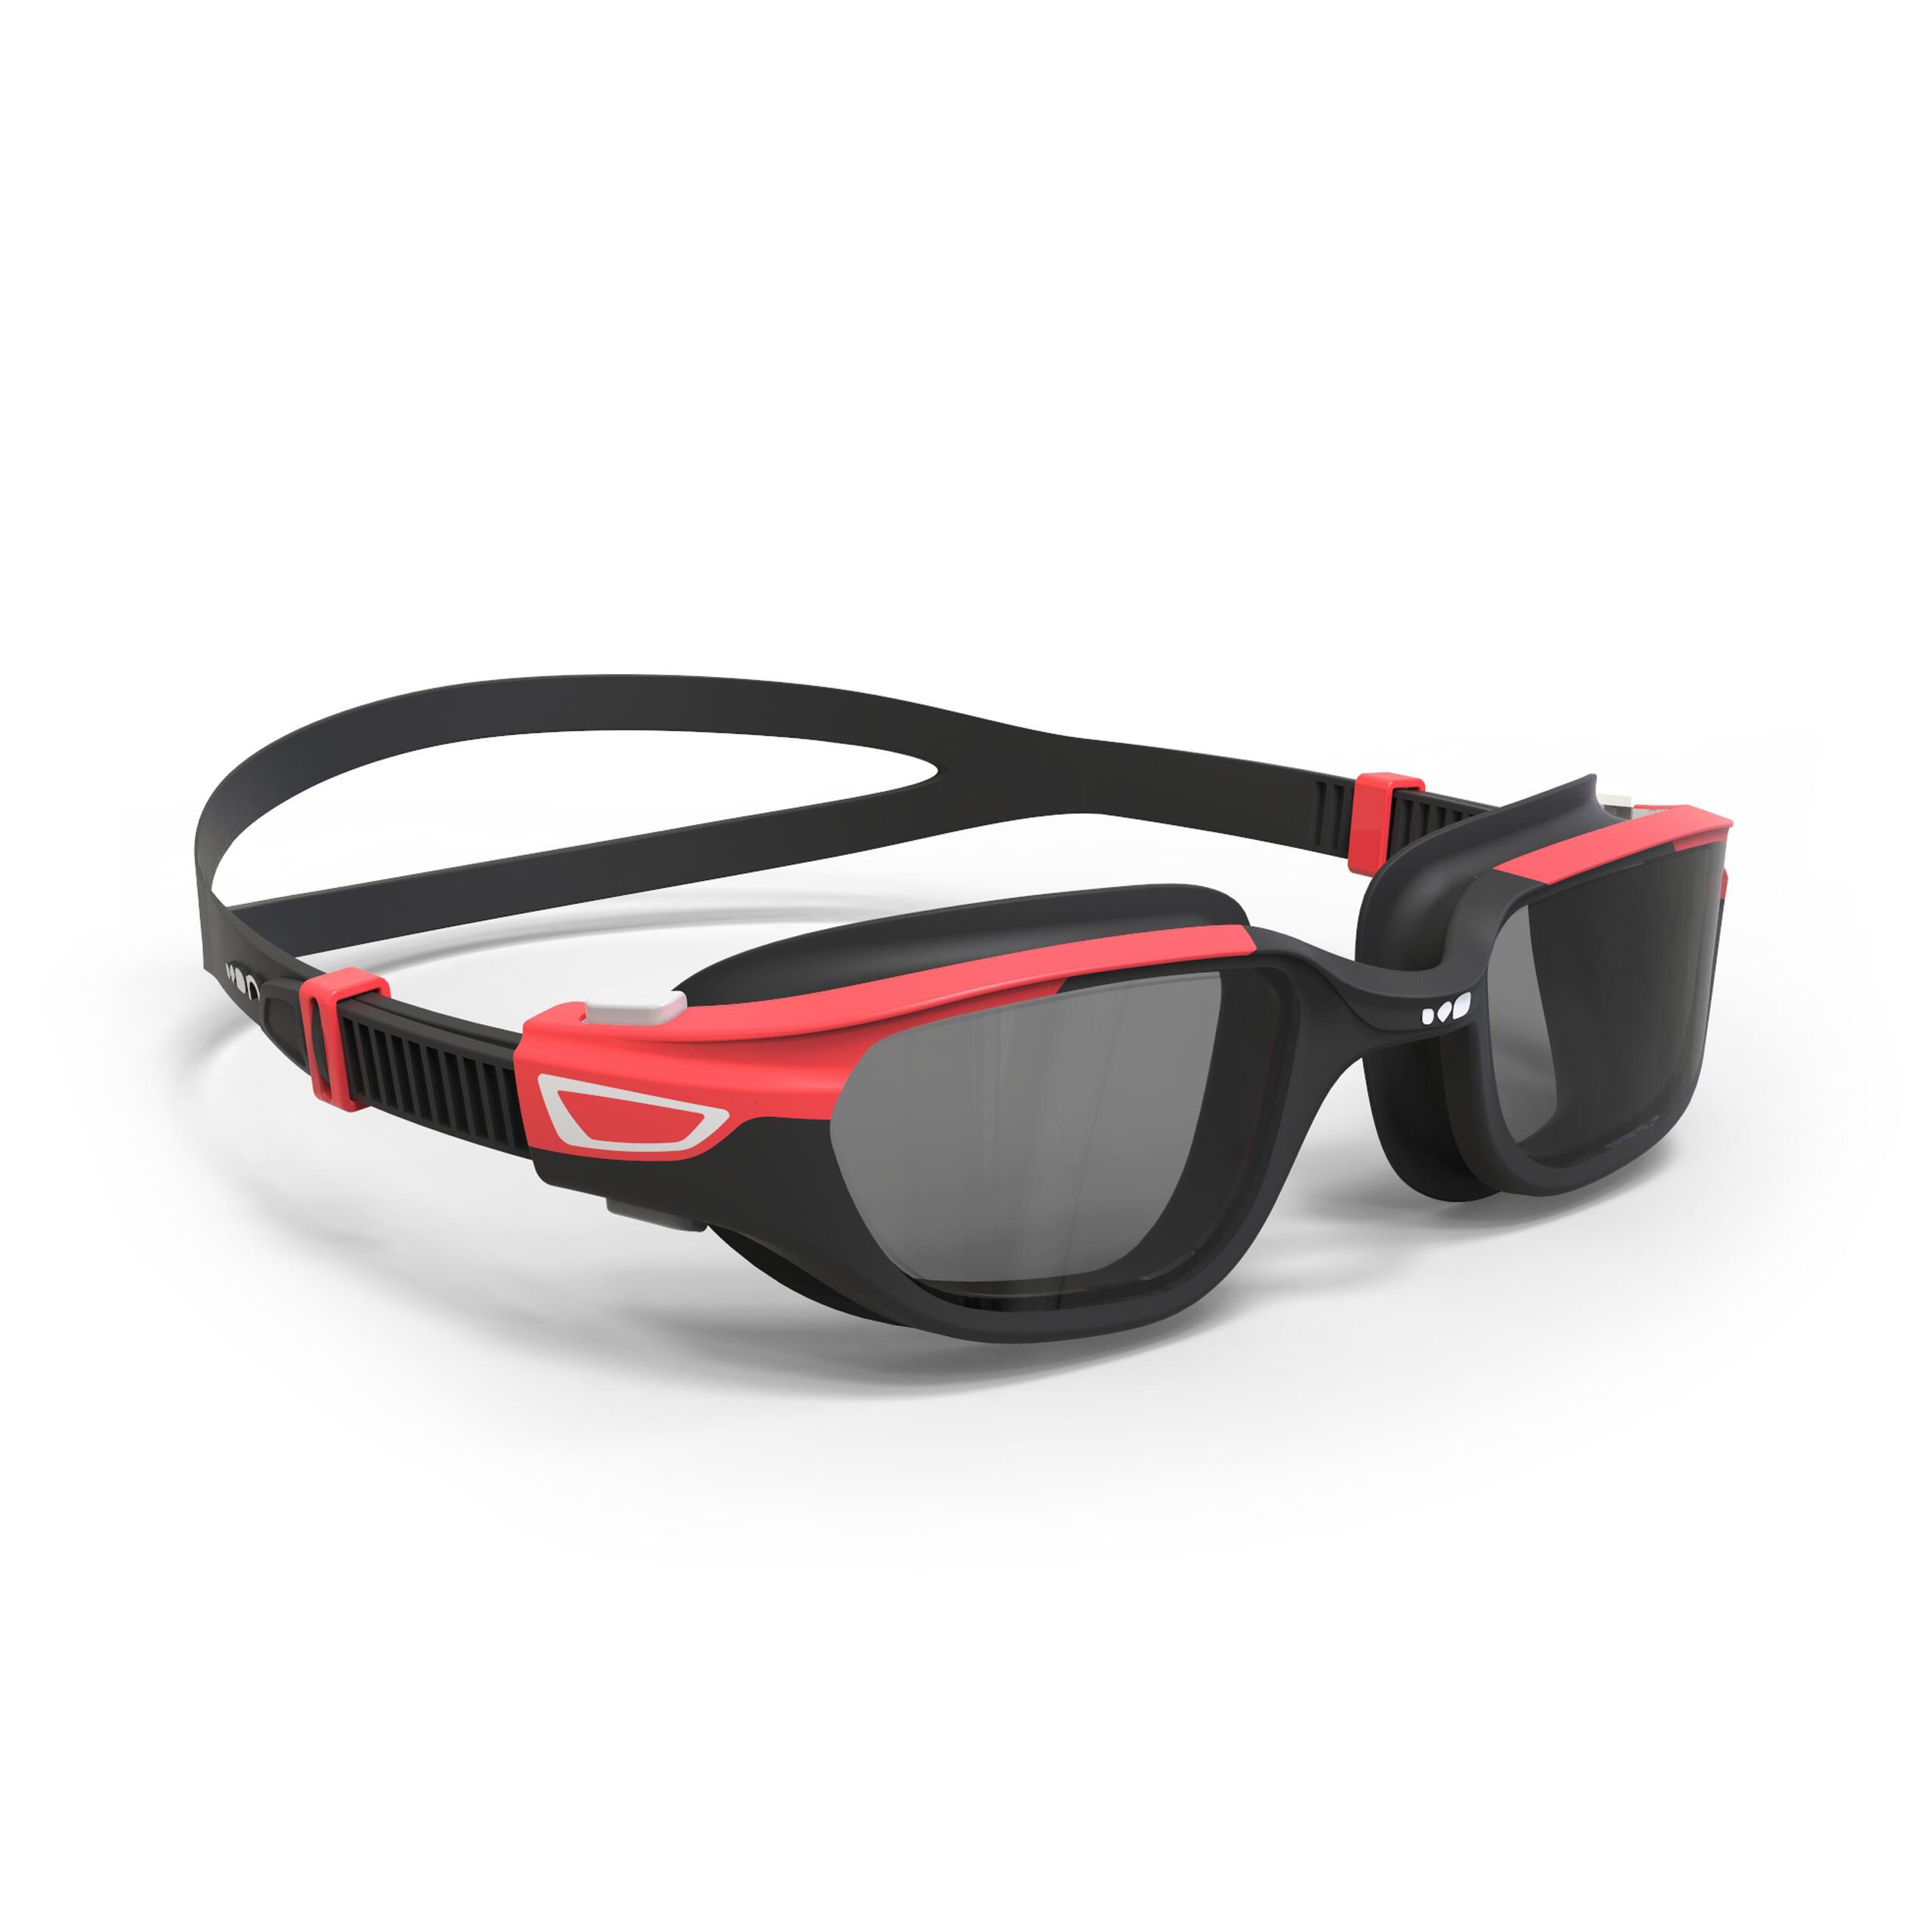 Lunettes de natation SPIRIT noir rouge Taille G